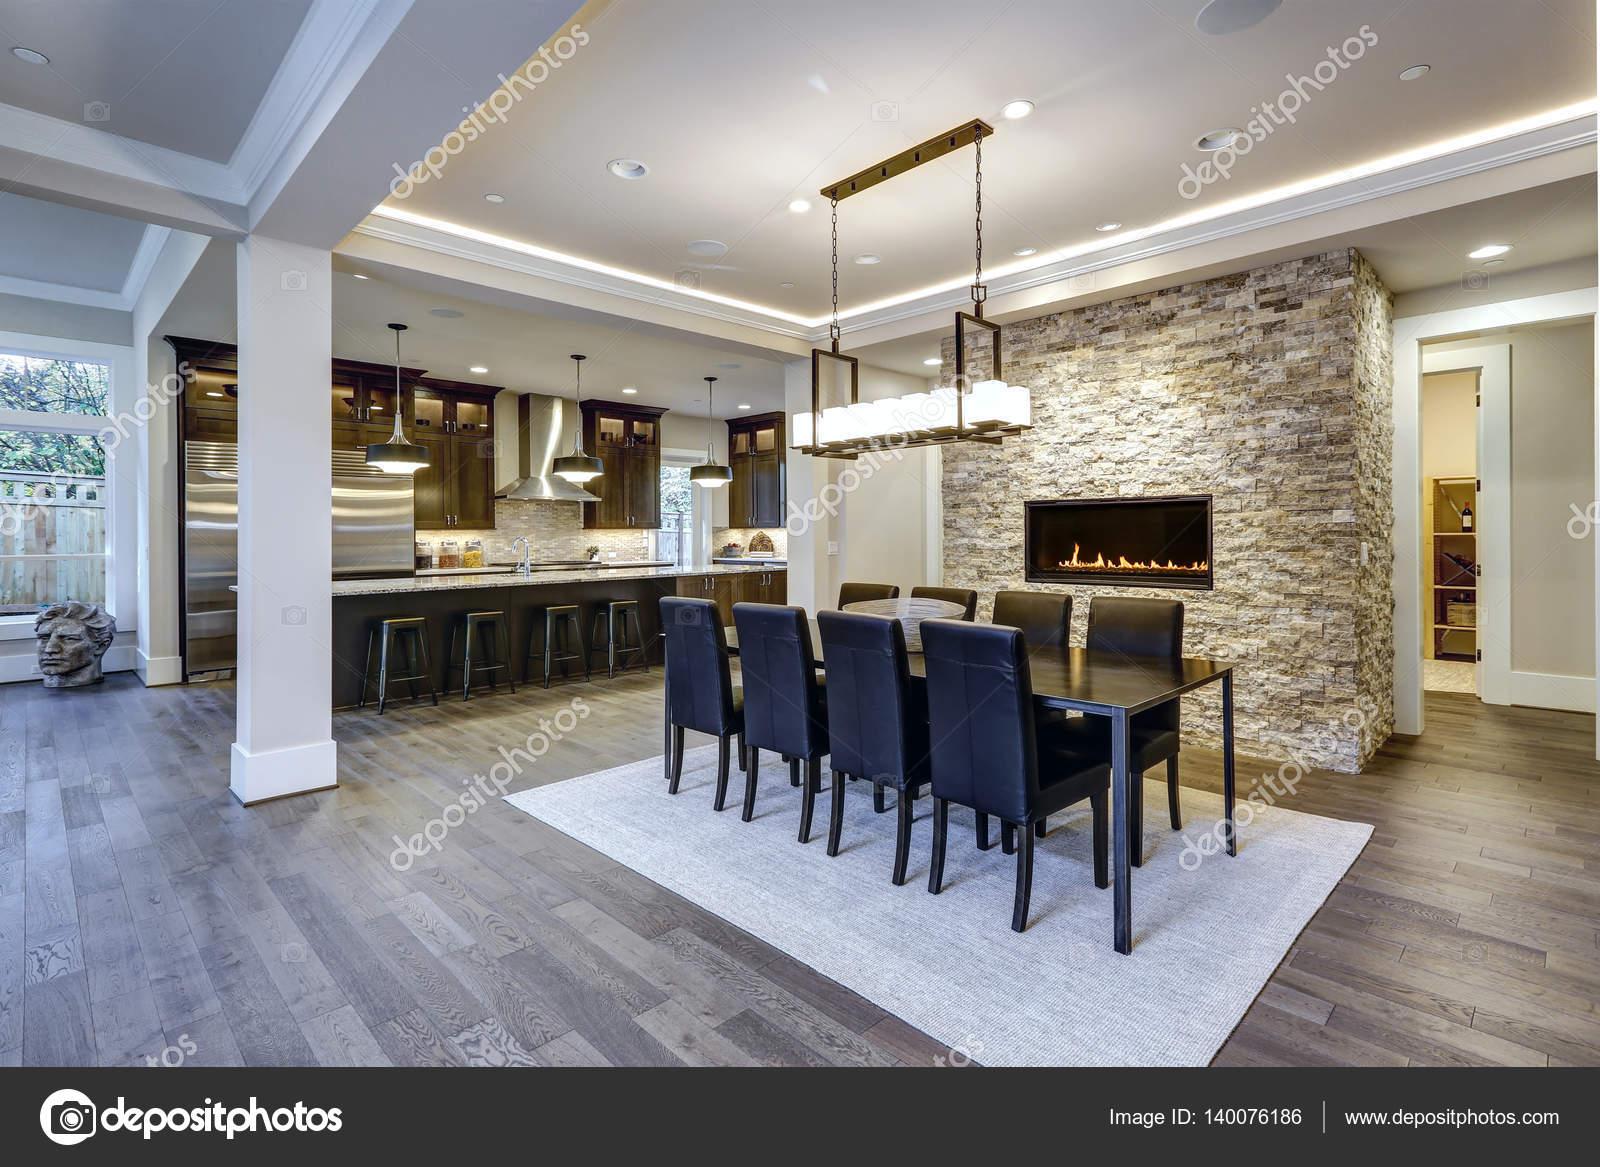 Plan de piso abierto moderno diseño de comedor — Foto de stock ...